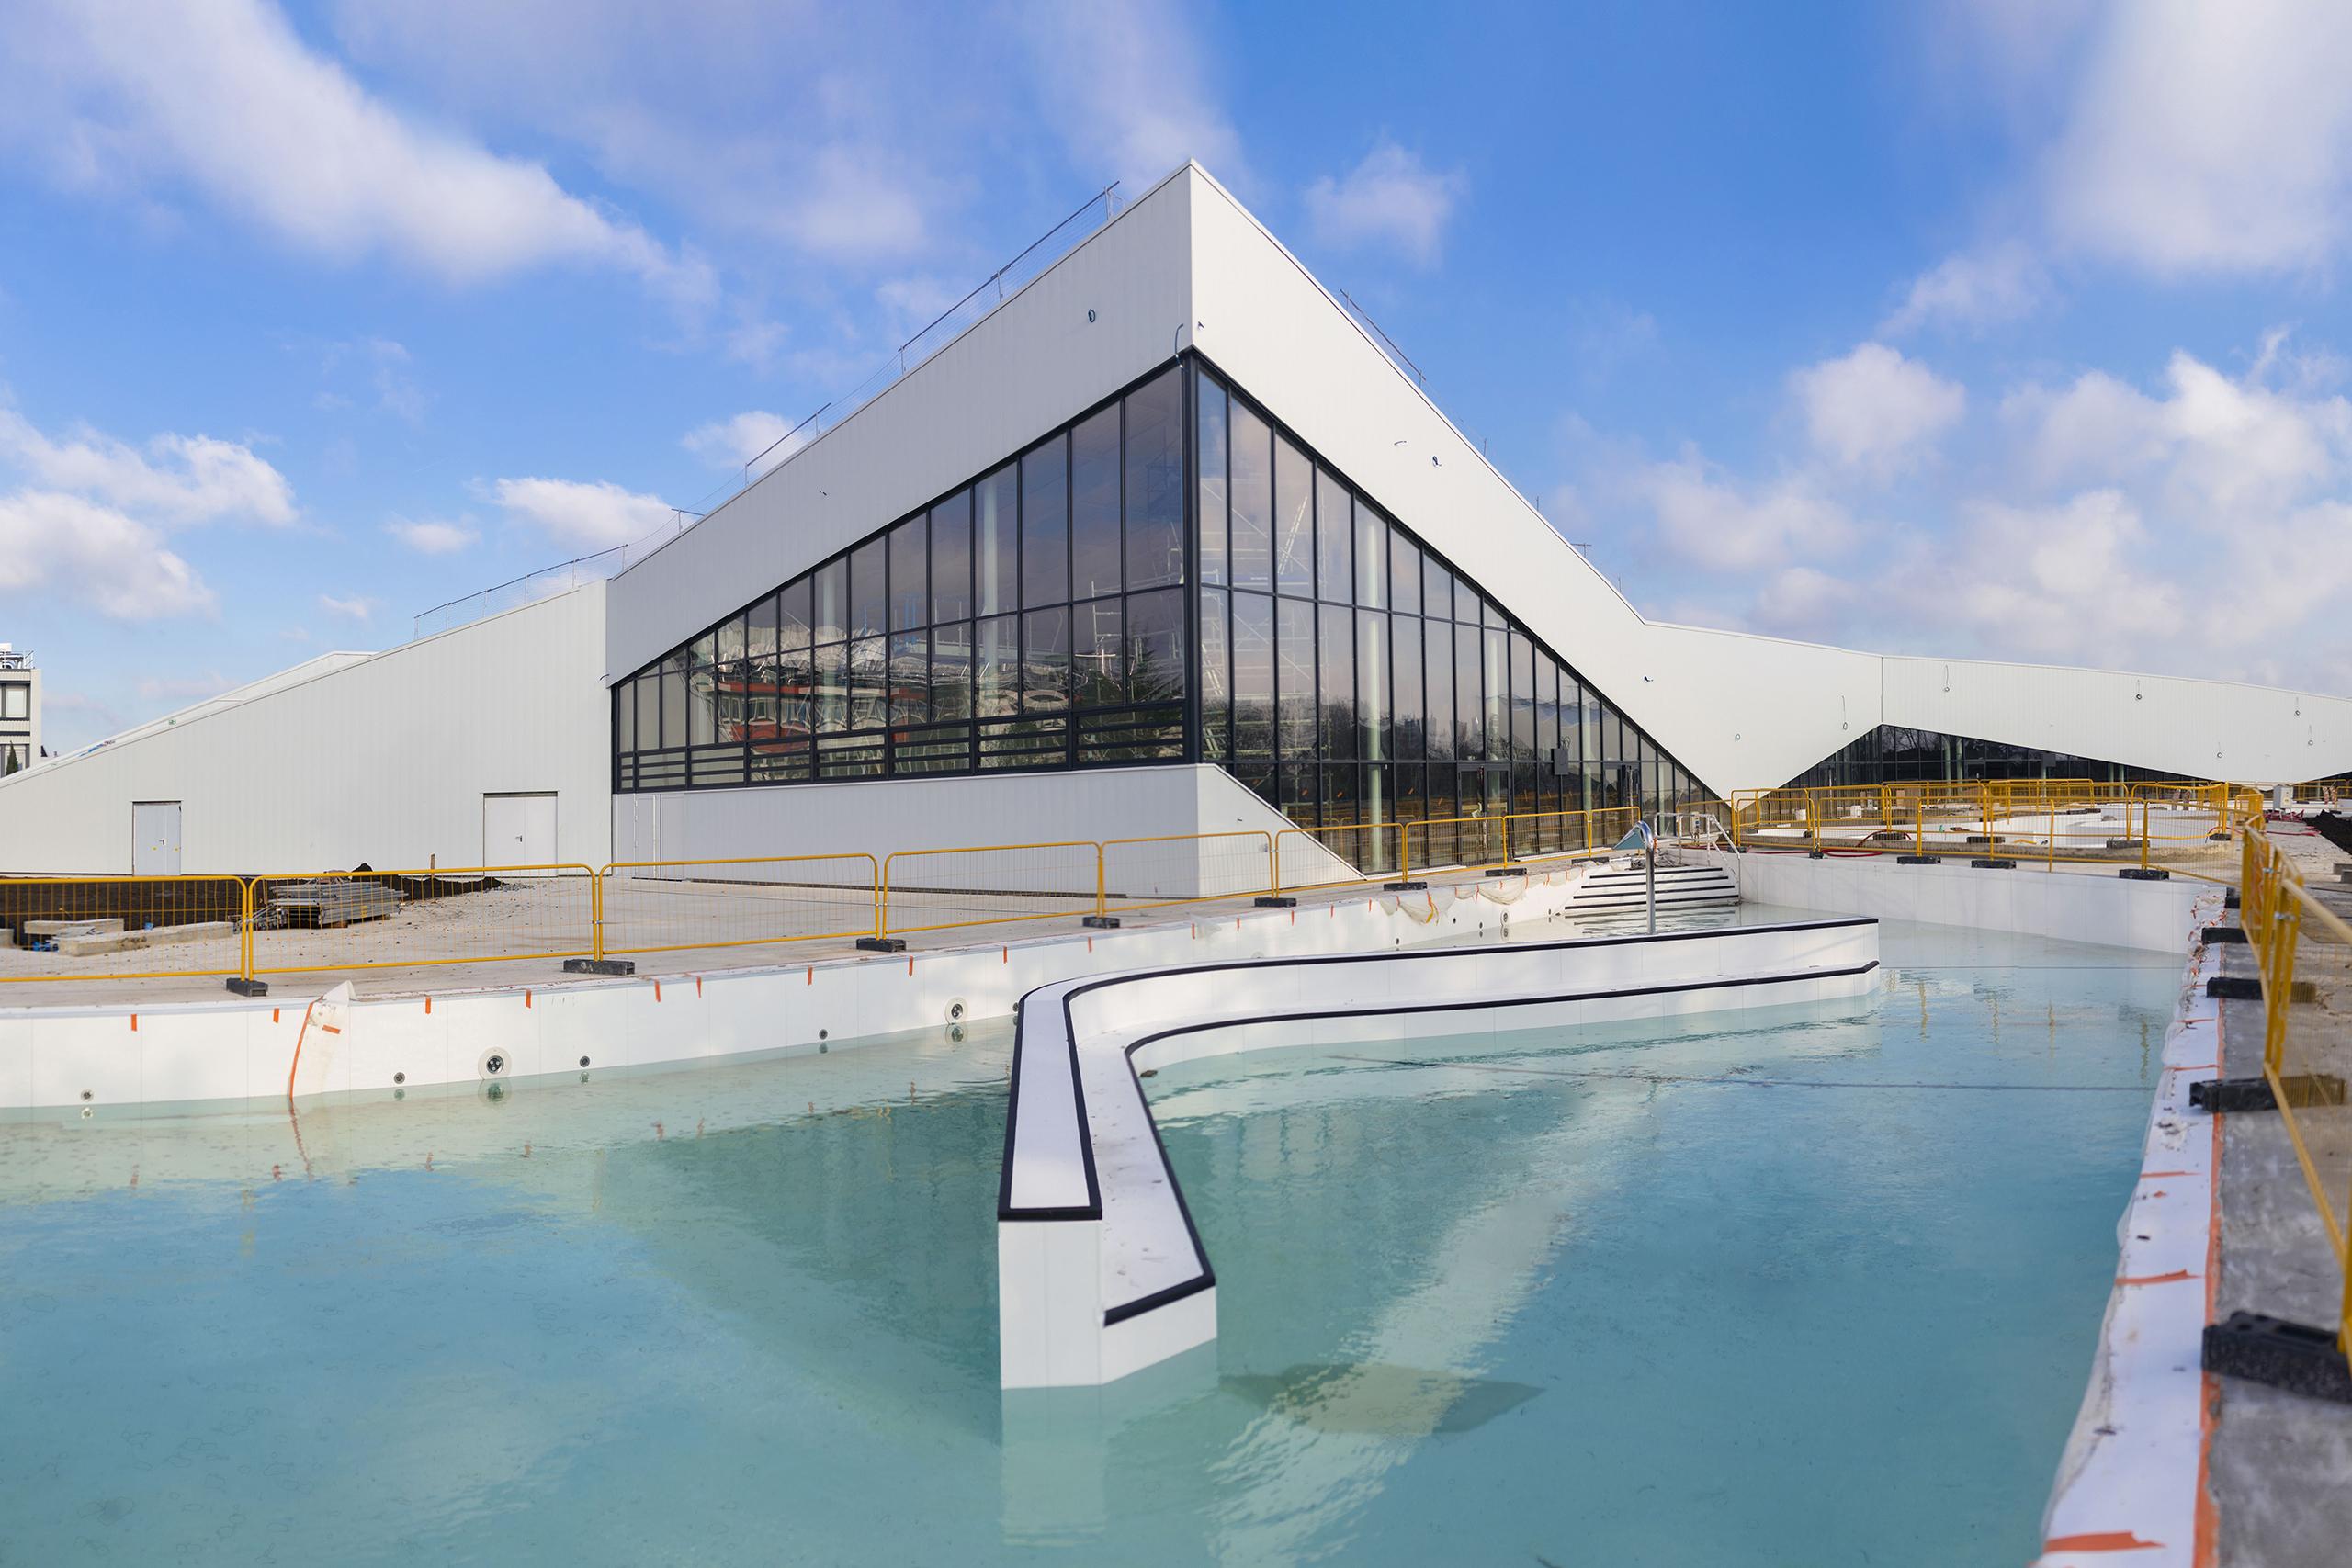 Piscine extérieure centre aqualudique